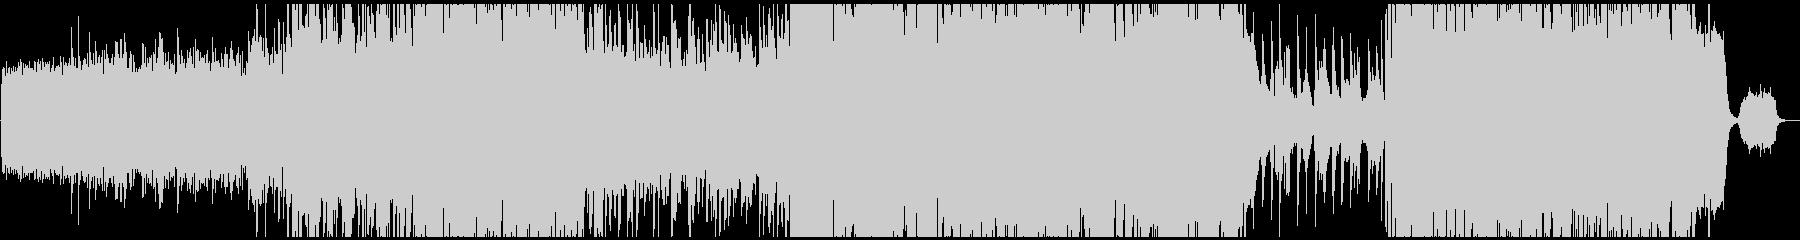 ヴァイオリン中心のヒーリングBGM系楽曲の未再生の波形